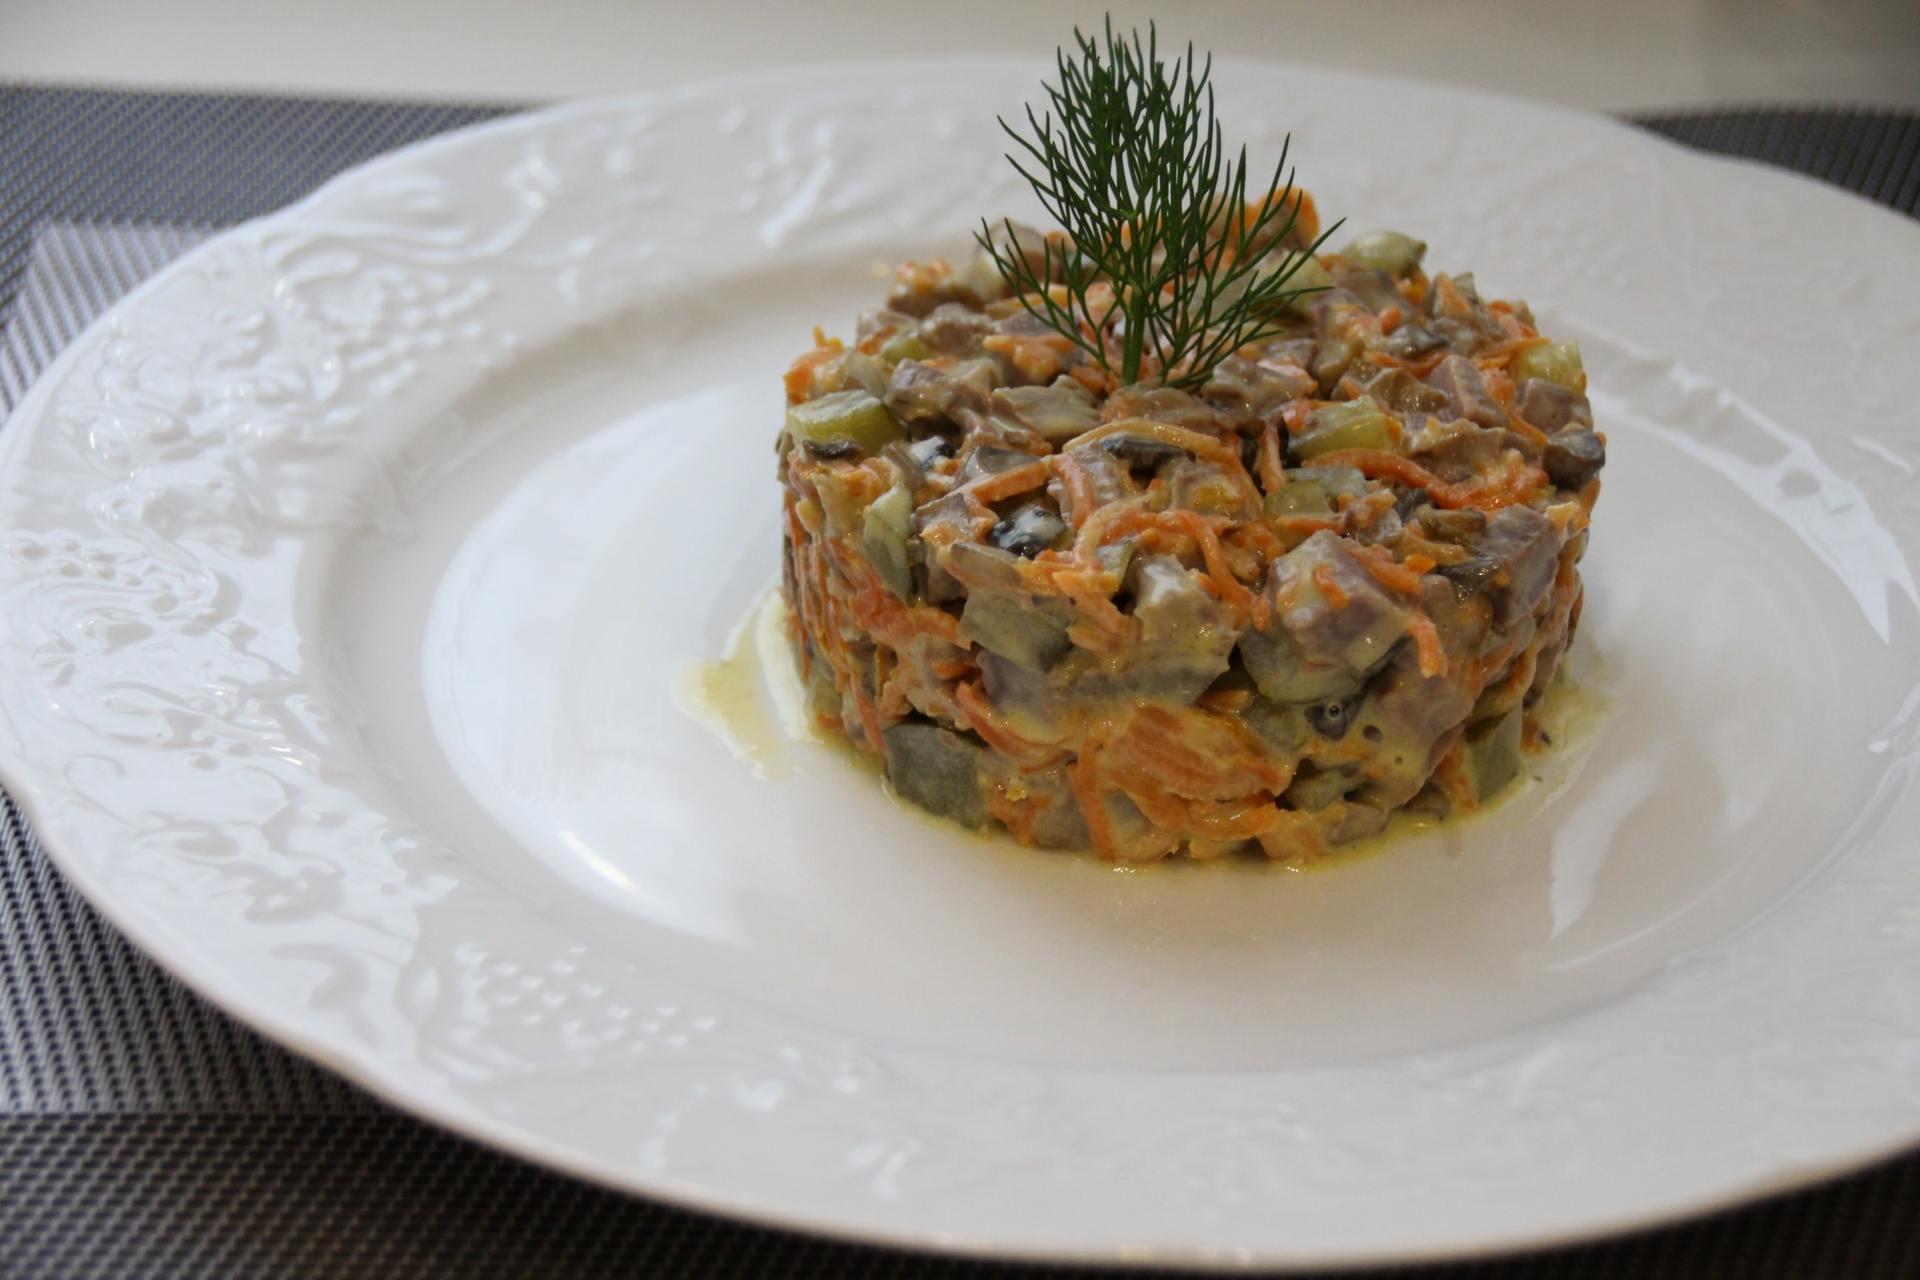 печеночный салат классический рецепт с фото того чтобы понять